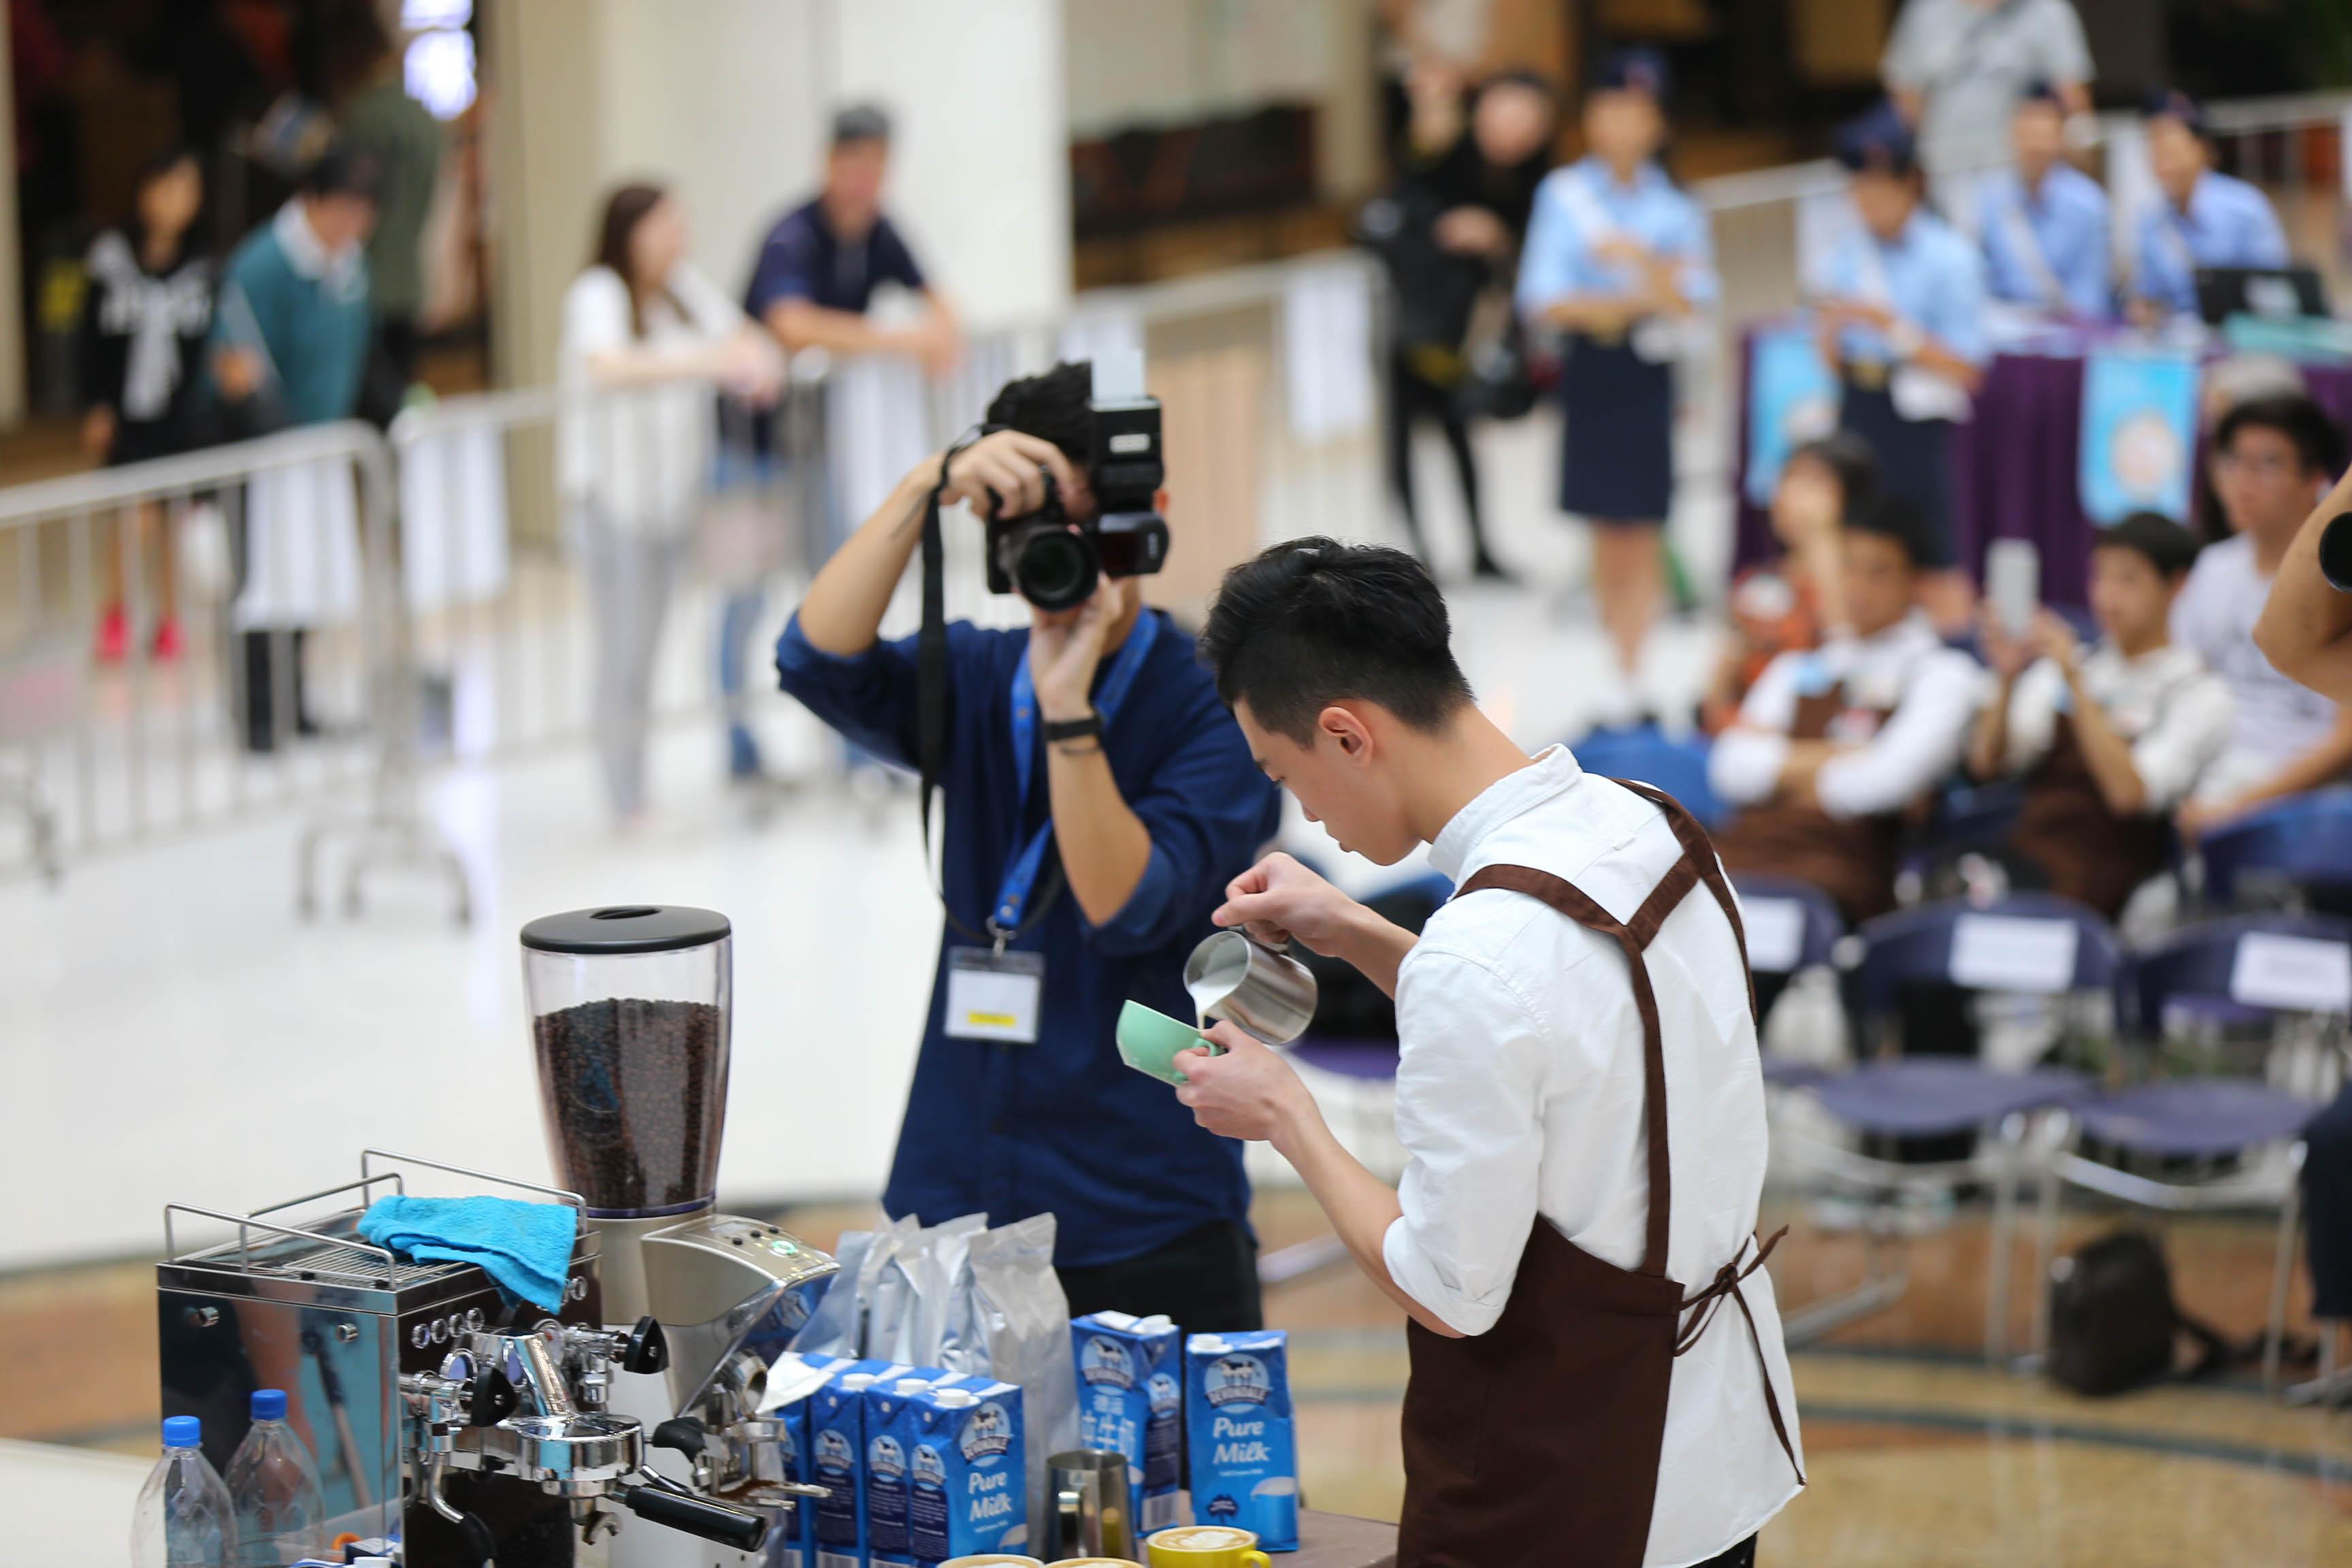 天主教慈幼會伍少梅中學的全港學界咖啡拉花比賽2016 相片3